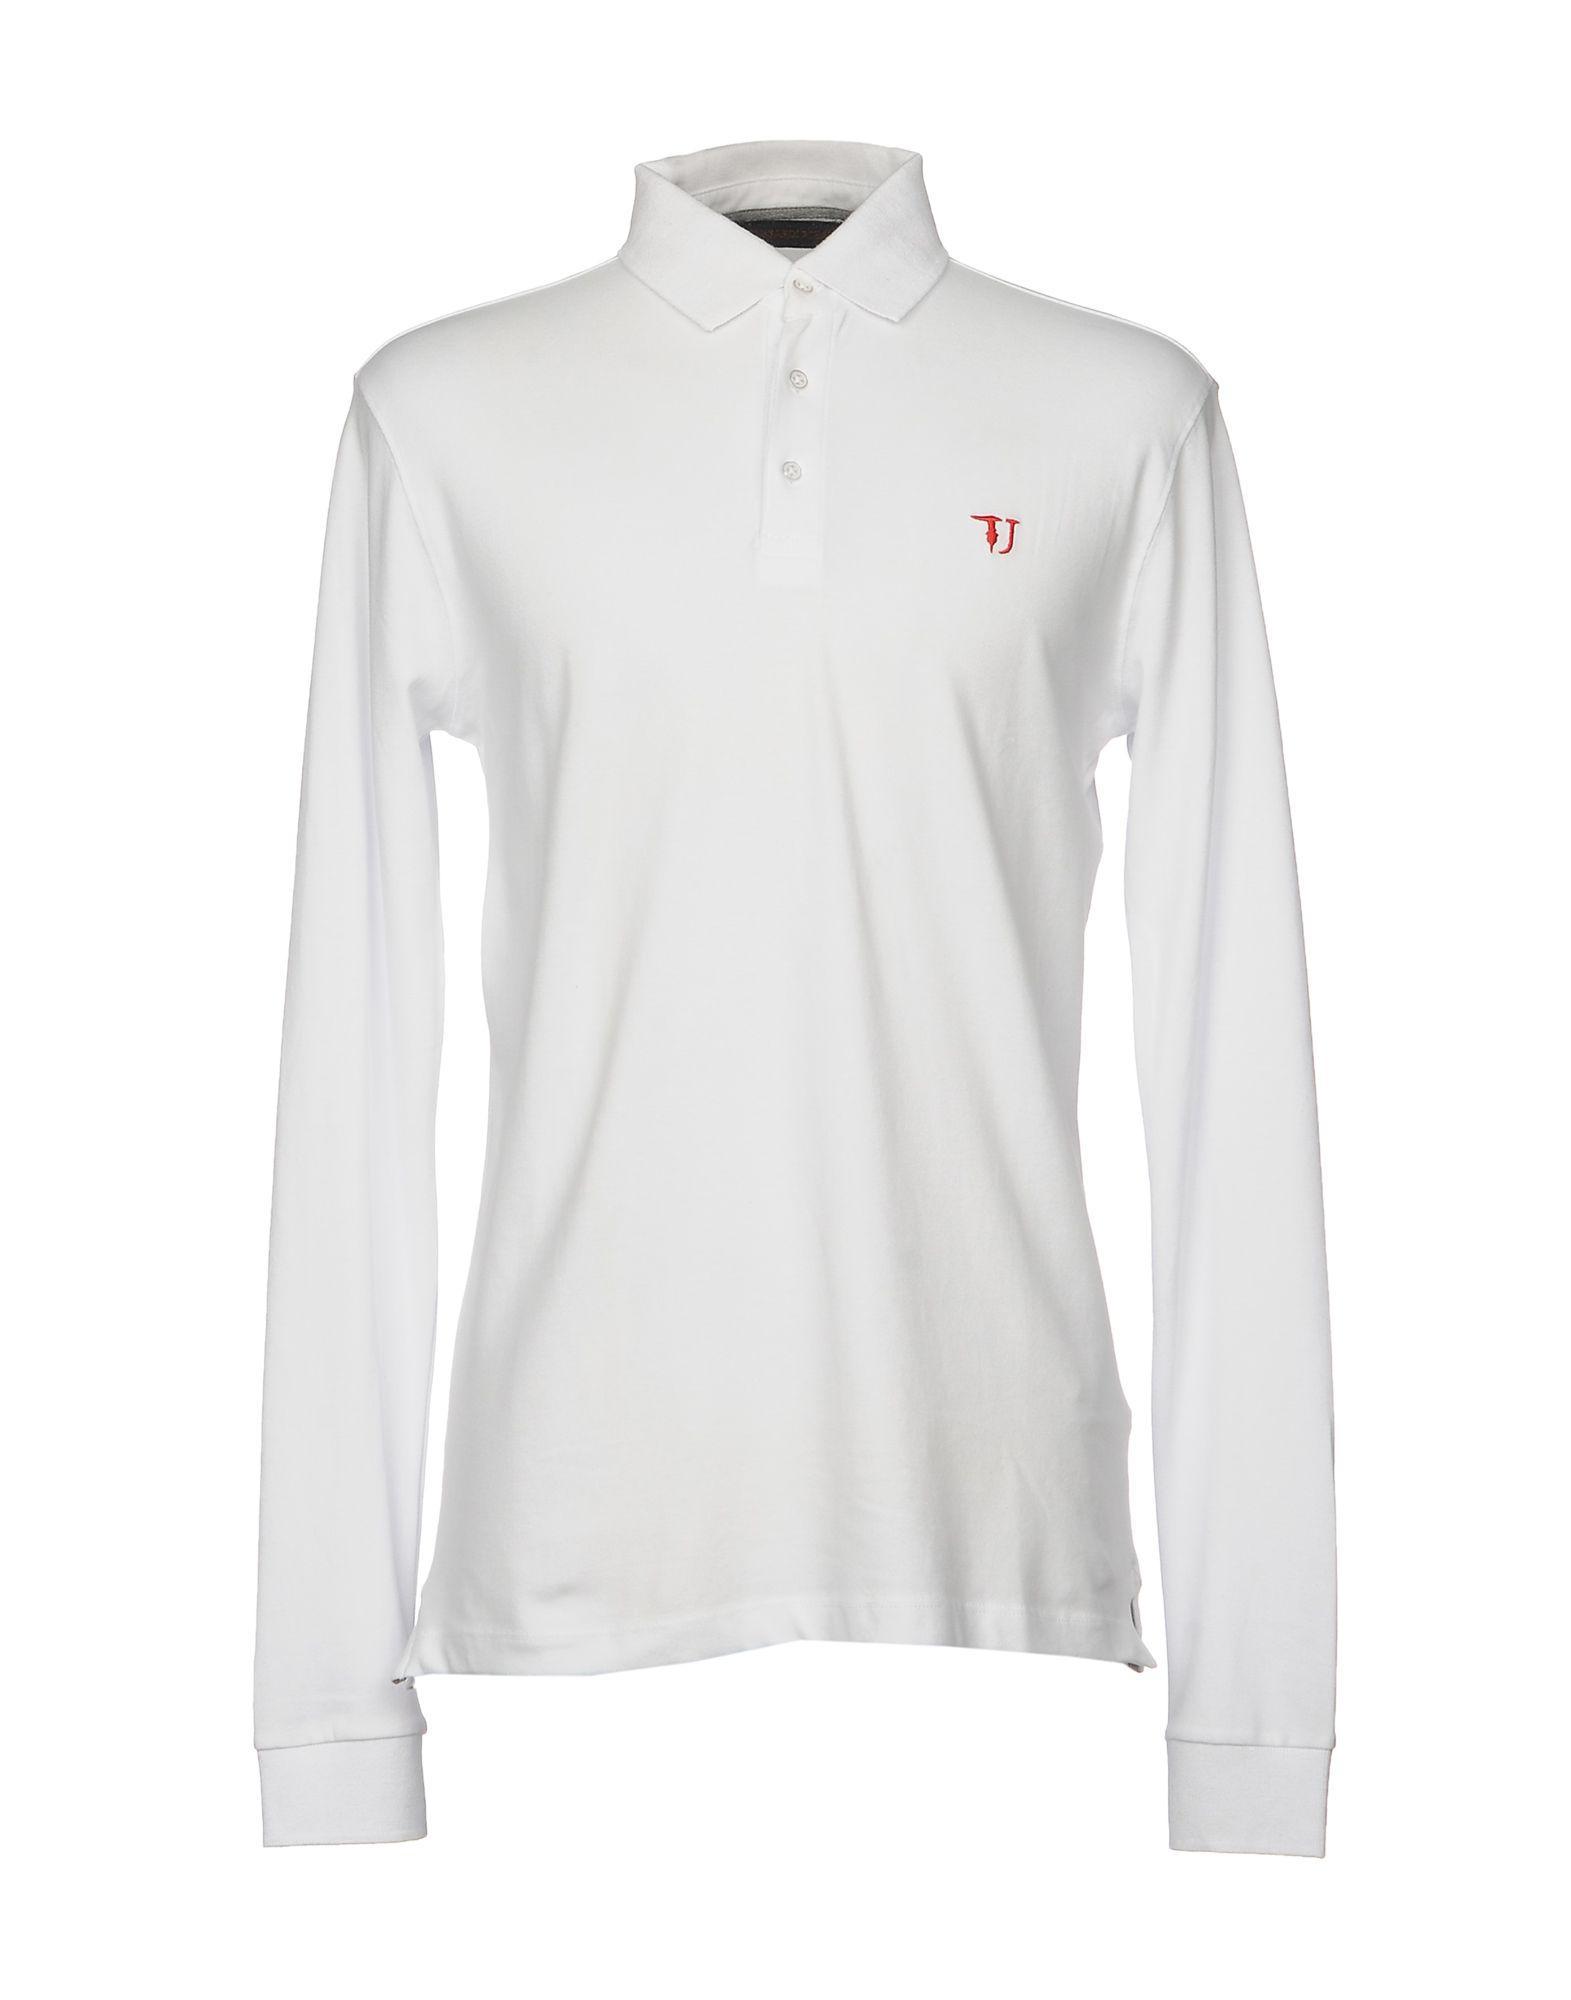 61d82e5e4db5 Lyst - Trussardi Polo Shirt in White for Men